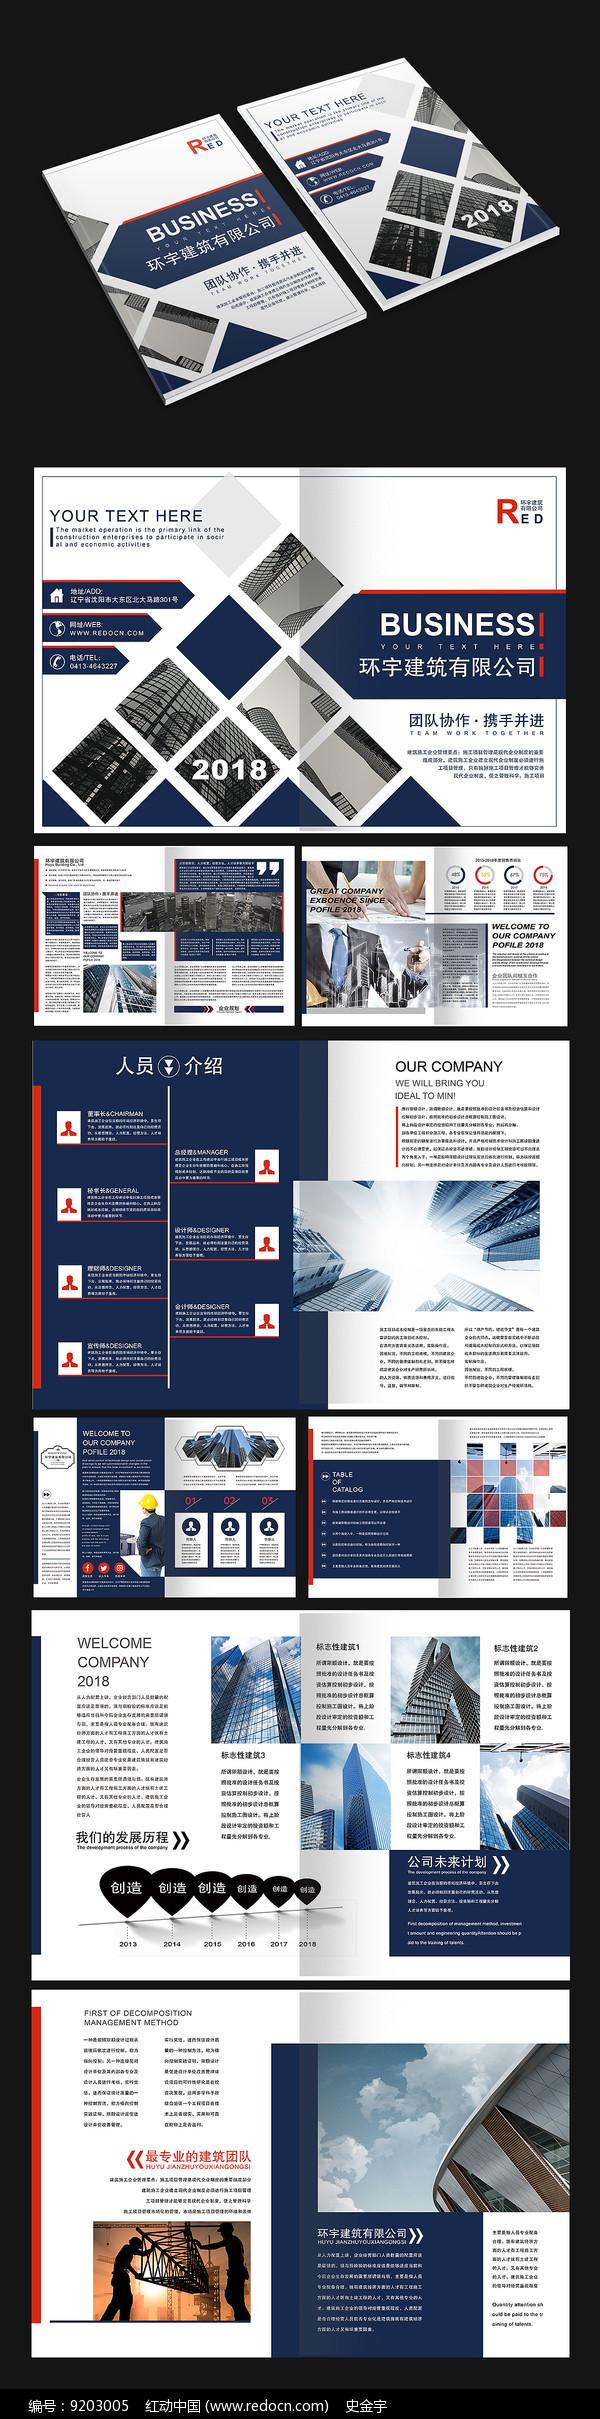 现代建筑企业画册图片